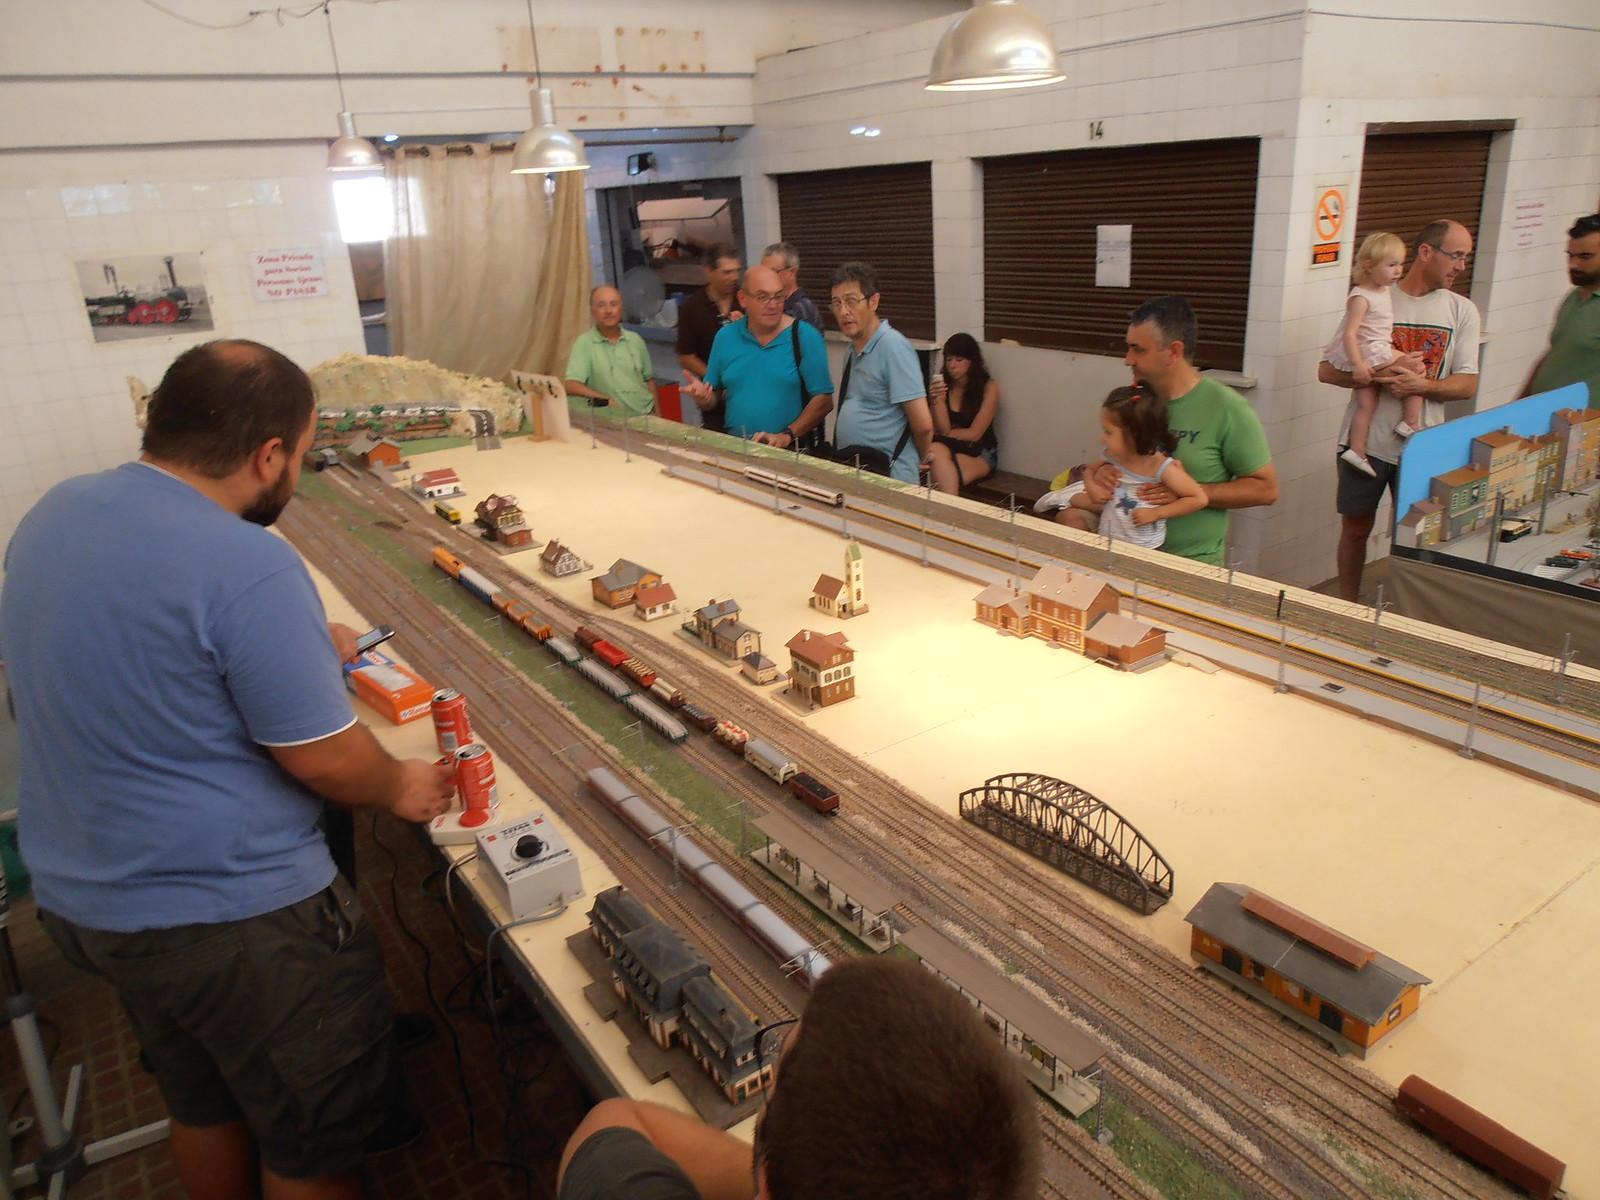 Maquinistas pendientes de sus respectivos trenes, charlando con el público asistente a la exhibición